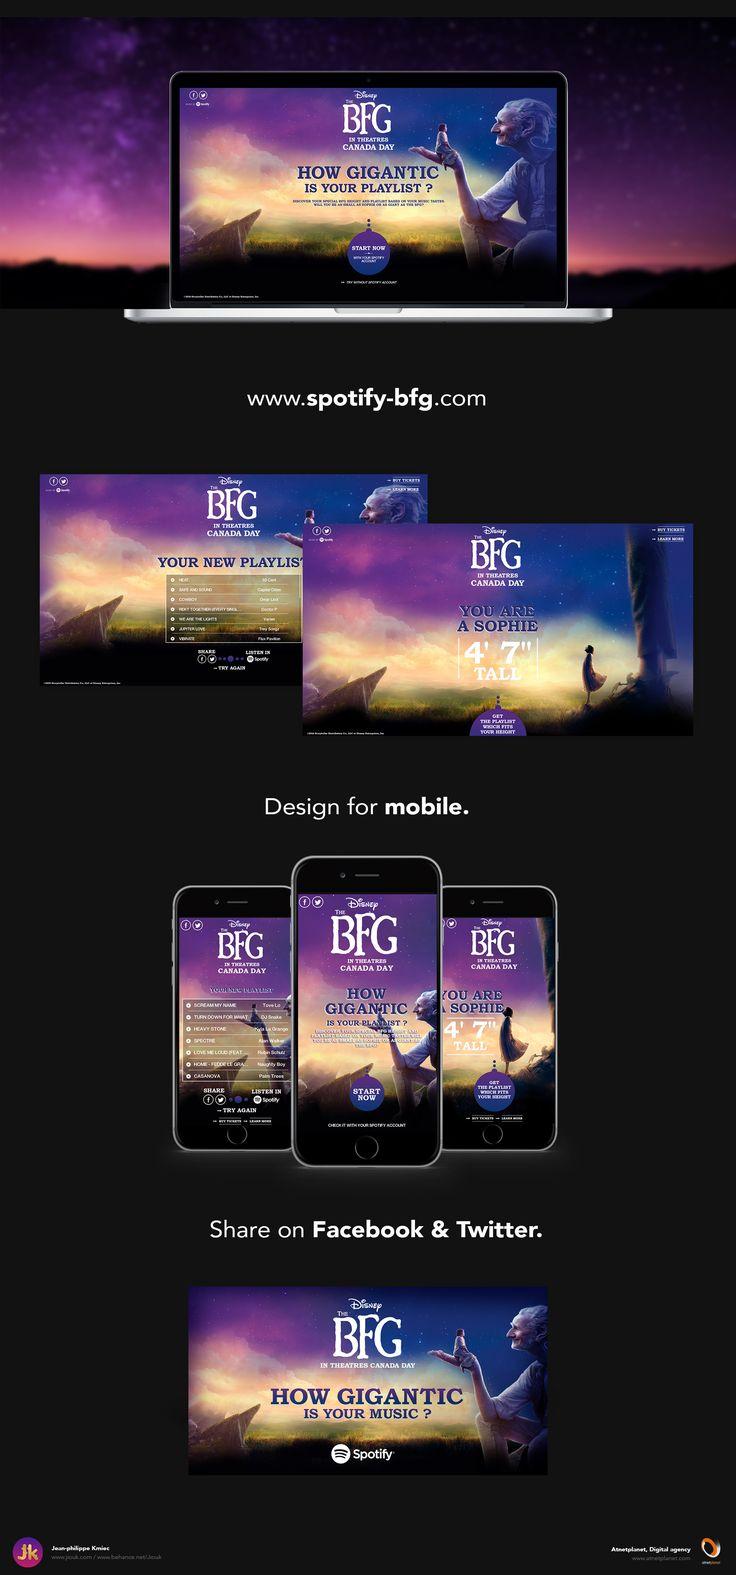 Réalisation de la Direction Artistique du mini-site The BFG-Spotify à l'occasion de la sortie du film Le bon gros géant au cinéma.